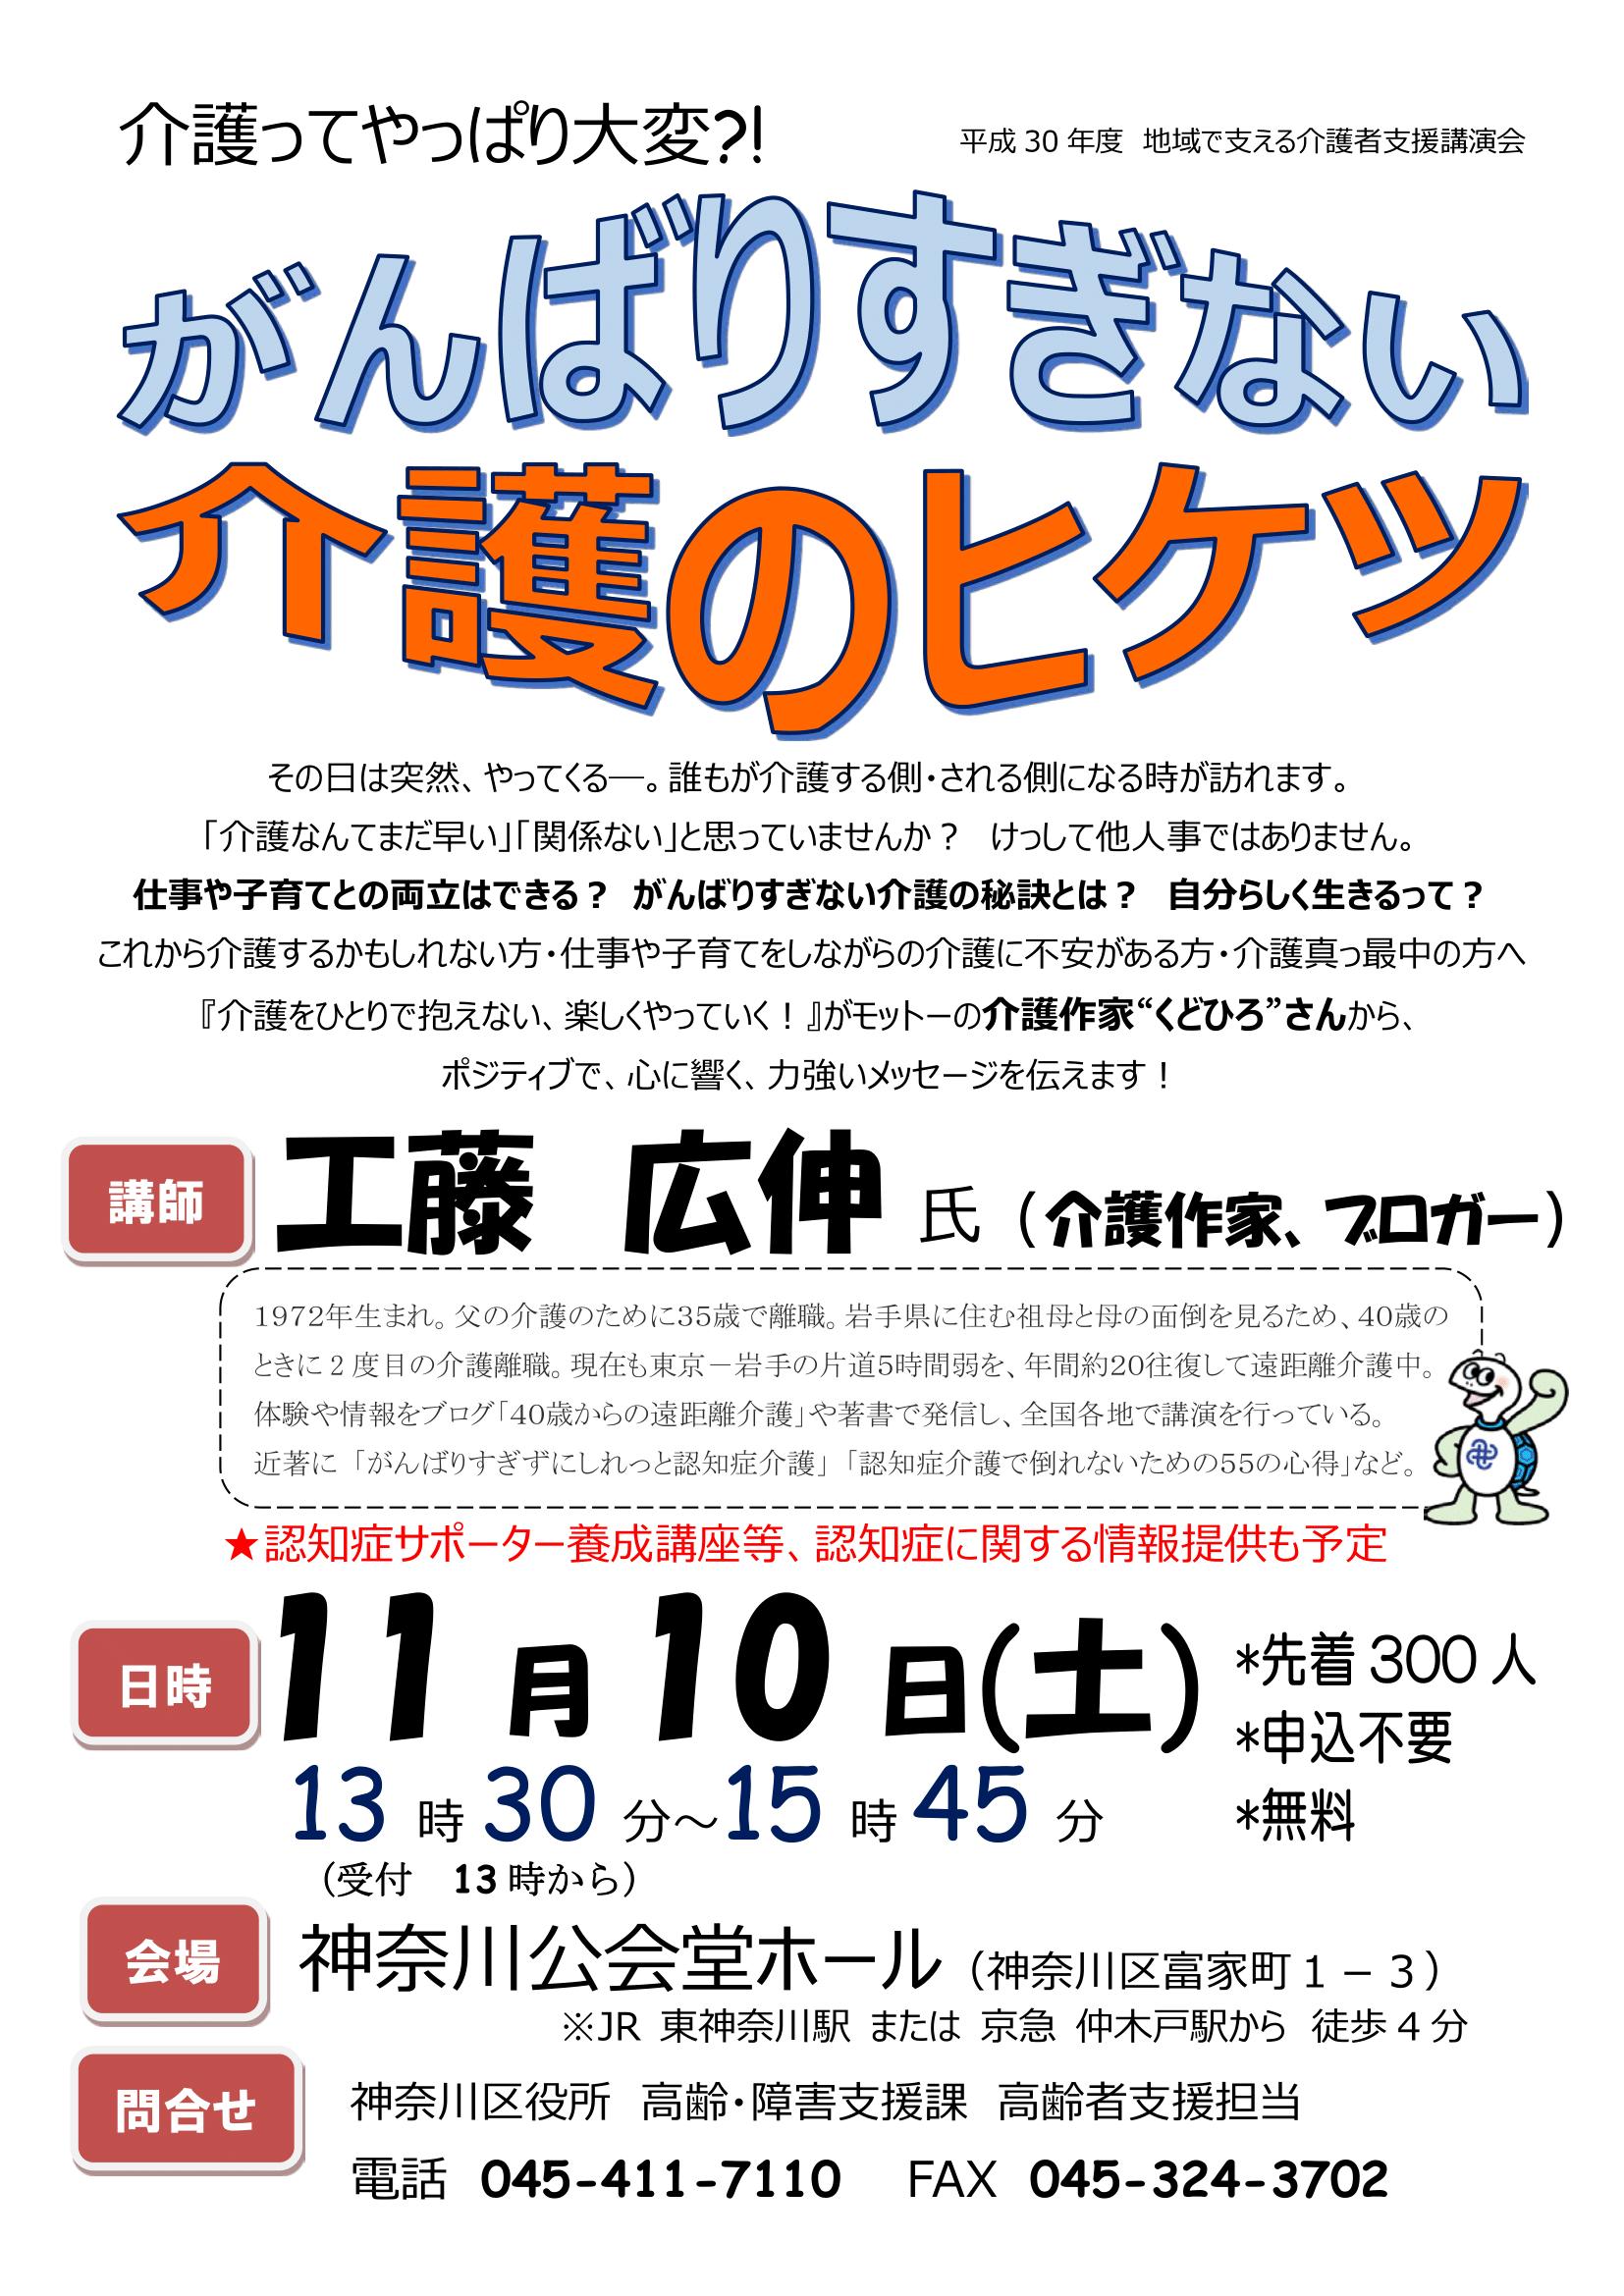 神奈川区介護講演会